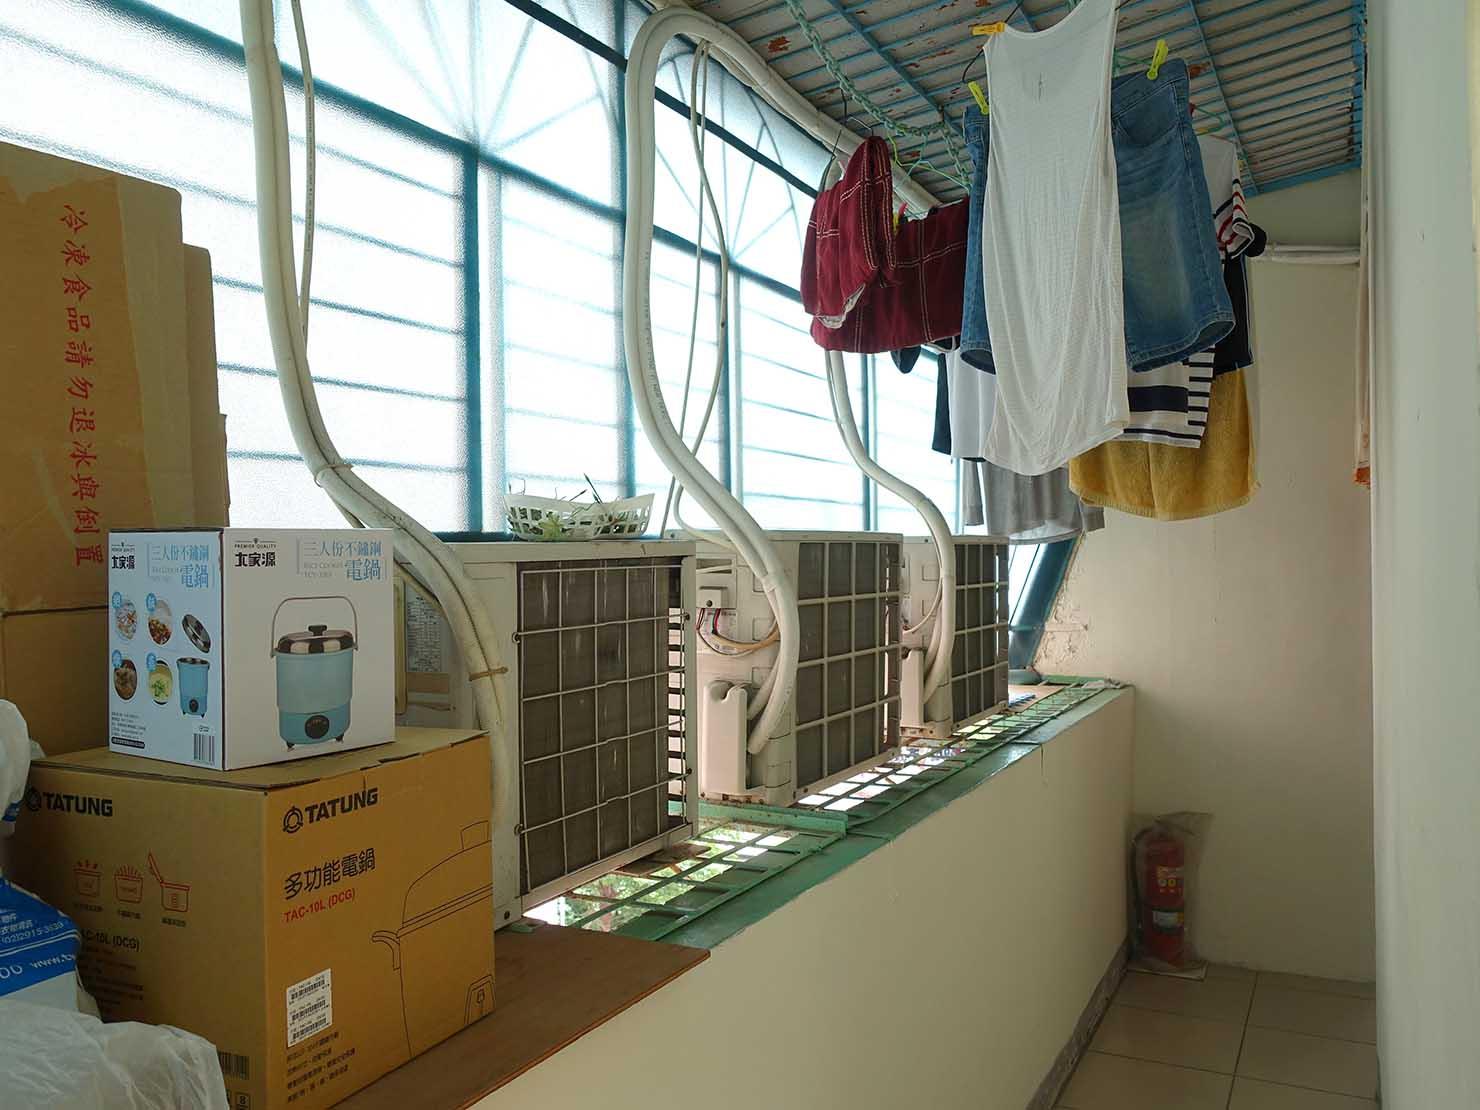 台北で台湾人彼氏と僕がルームシェアしている部屋の洗濯干しスペース